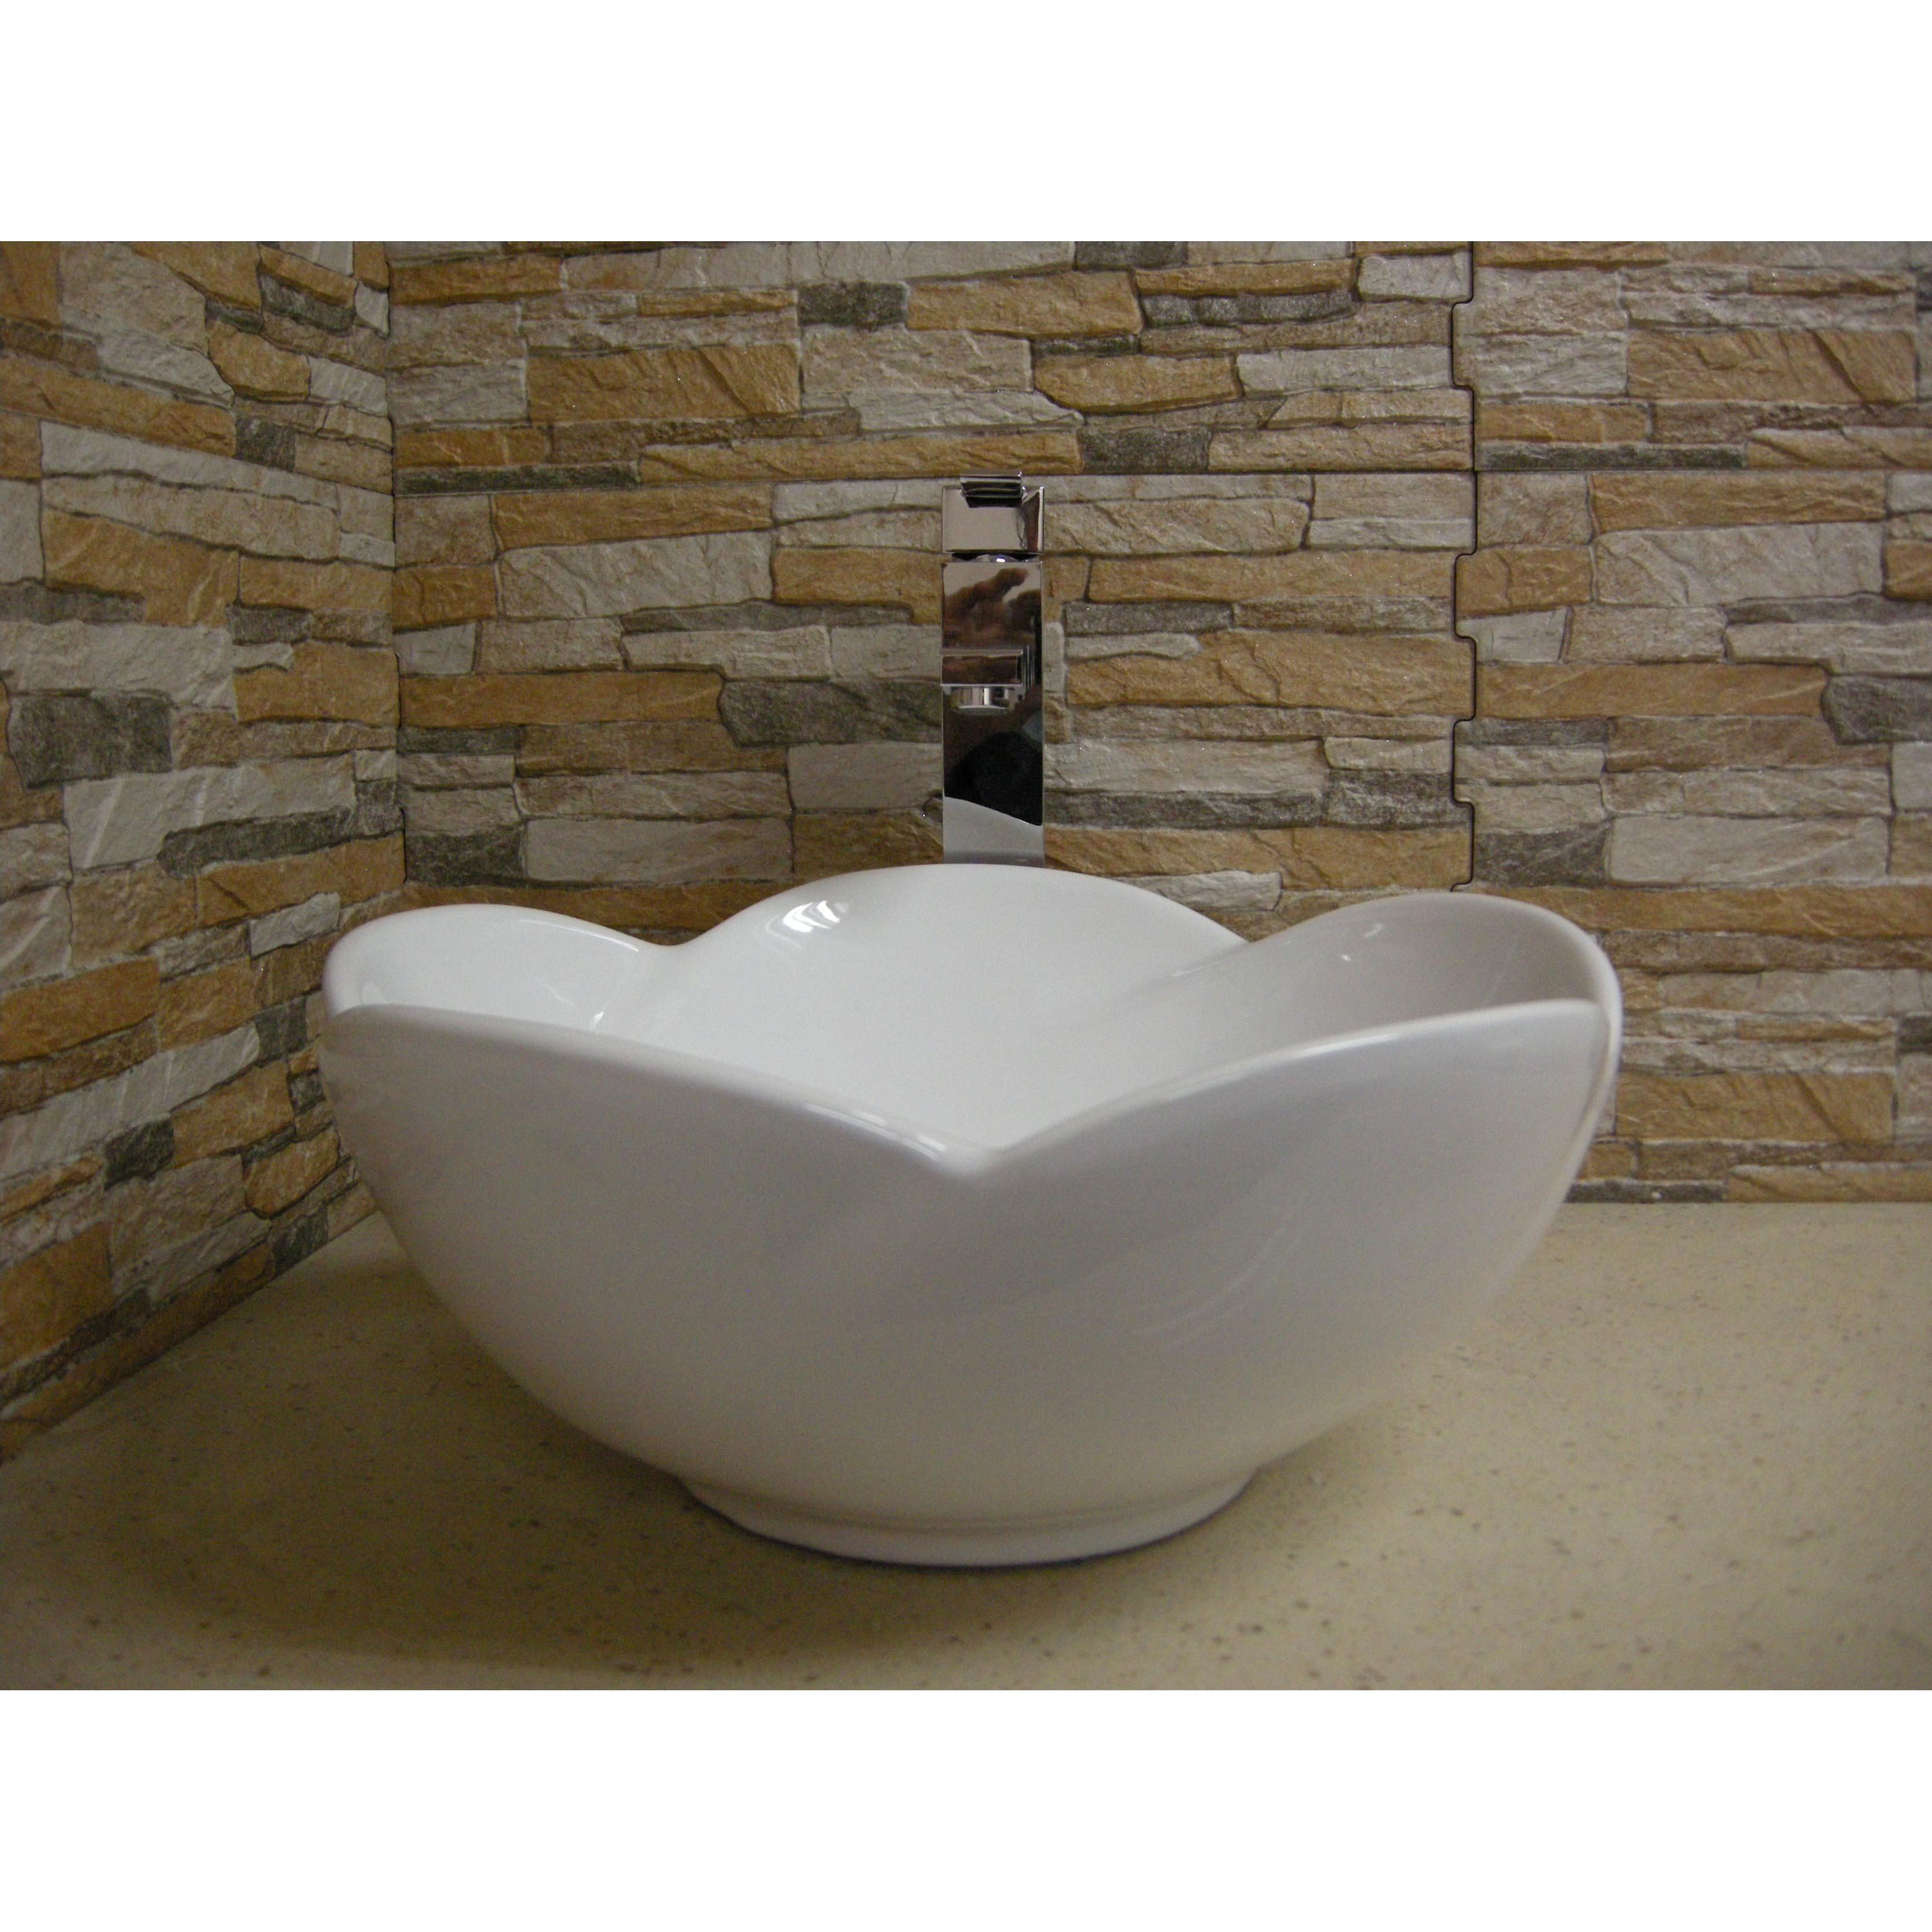 Fine Fixtures White Ceramic Chinaware 15.5-inch Vessel Si...